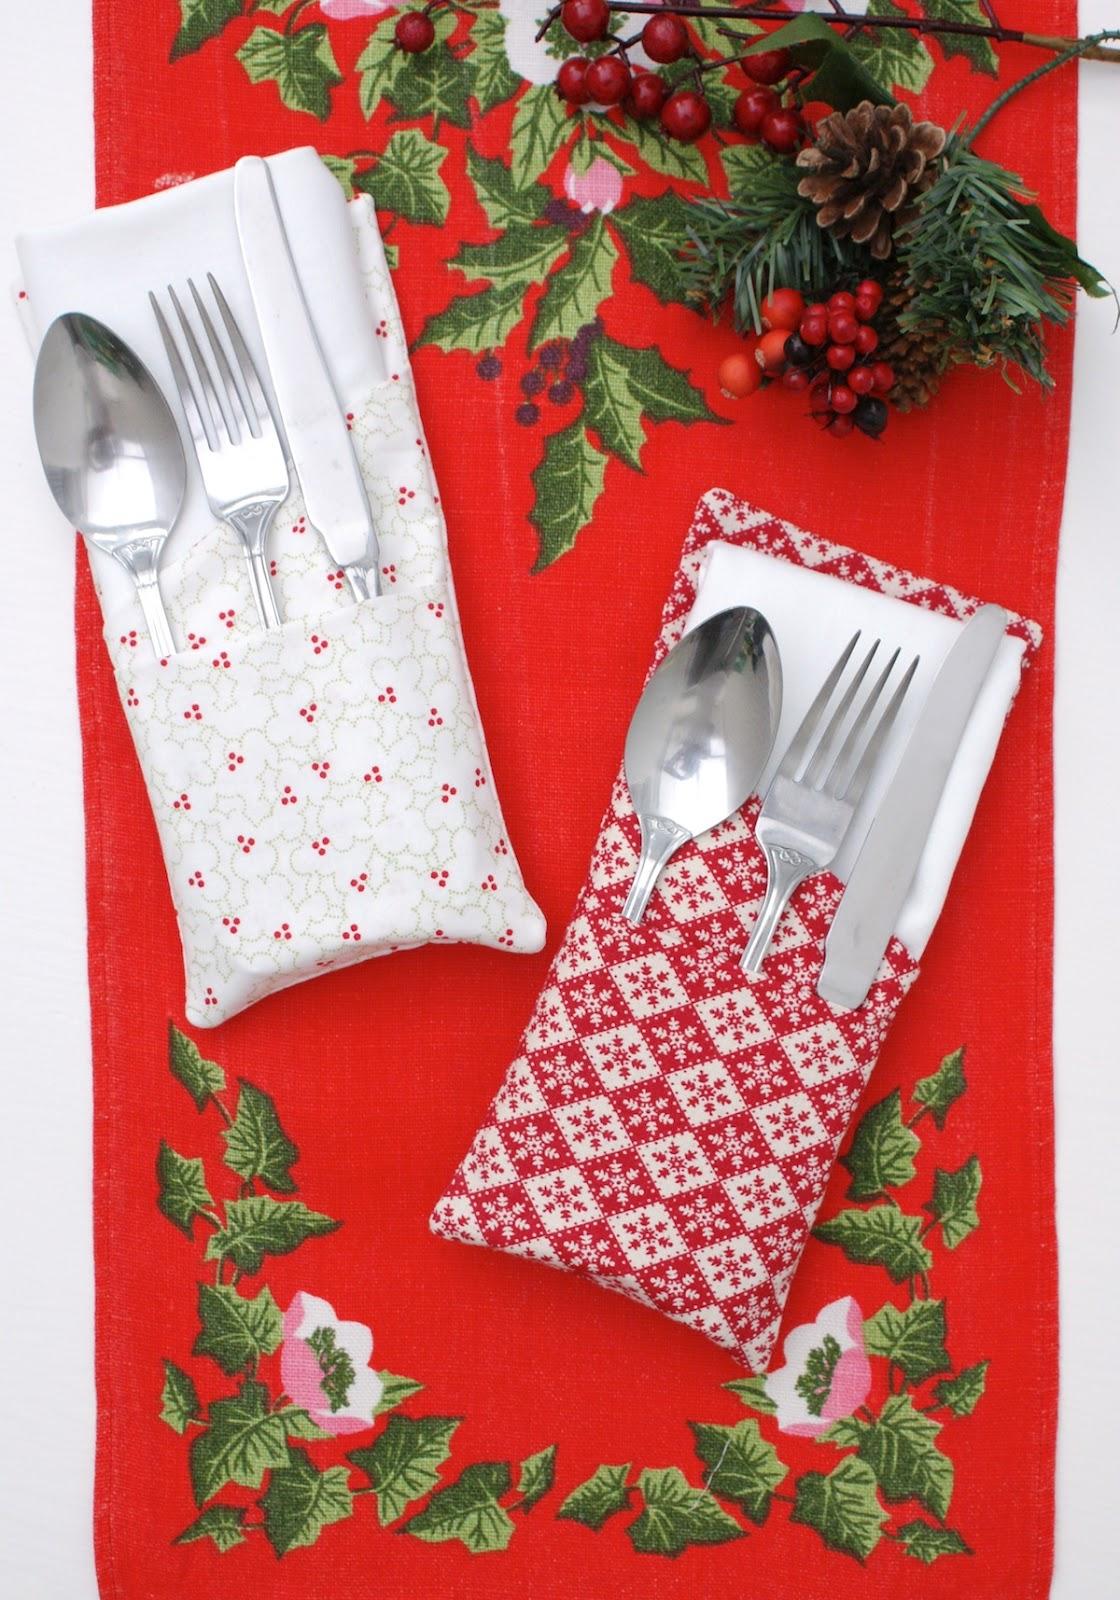 Serviette Falten Weihnachten